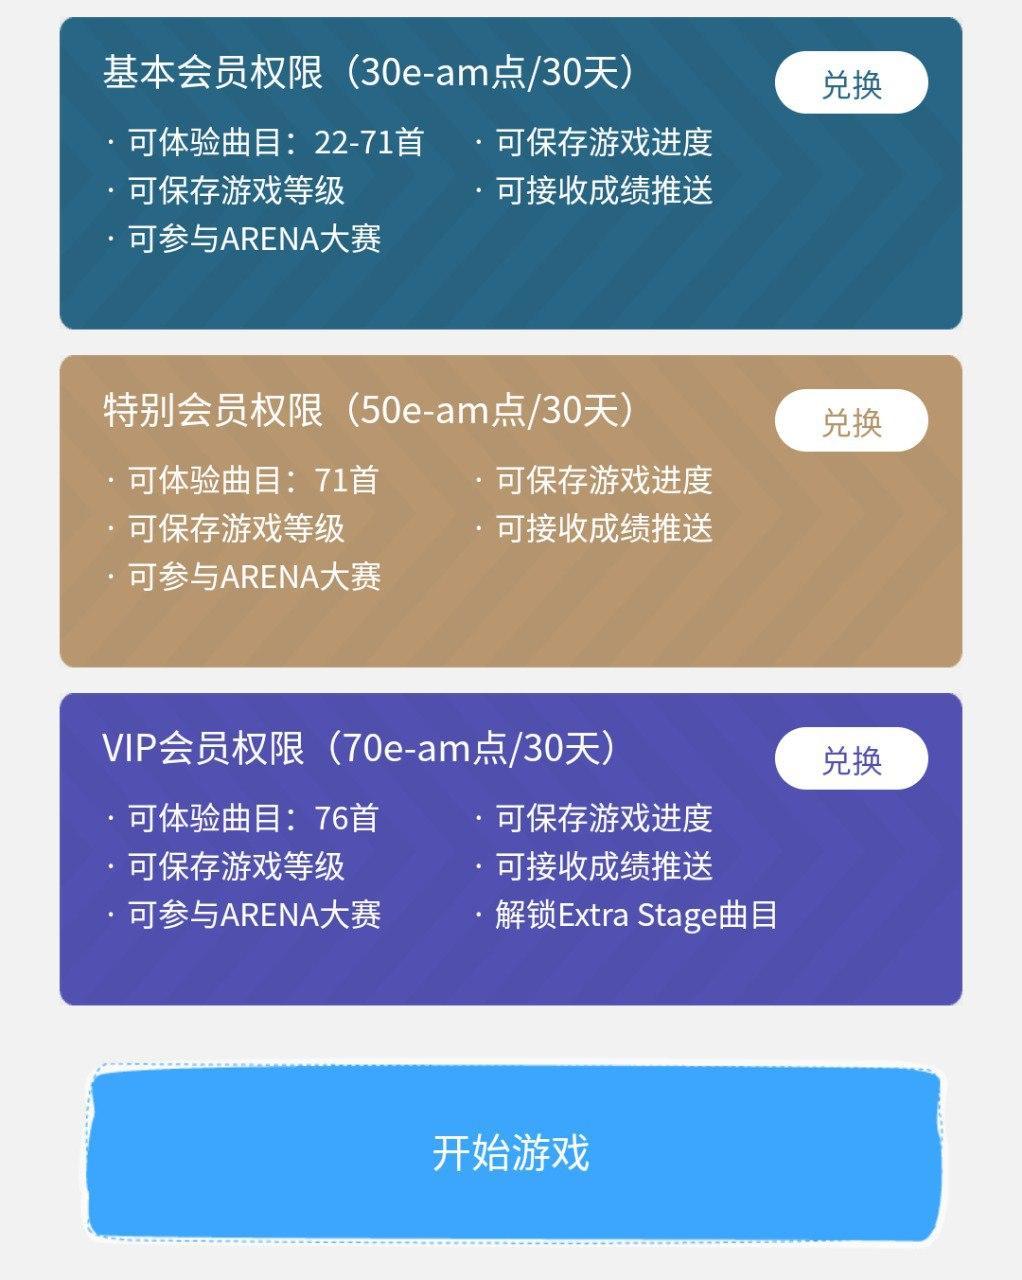 中国专用 e-amusement 的会员价格